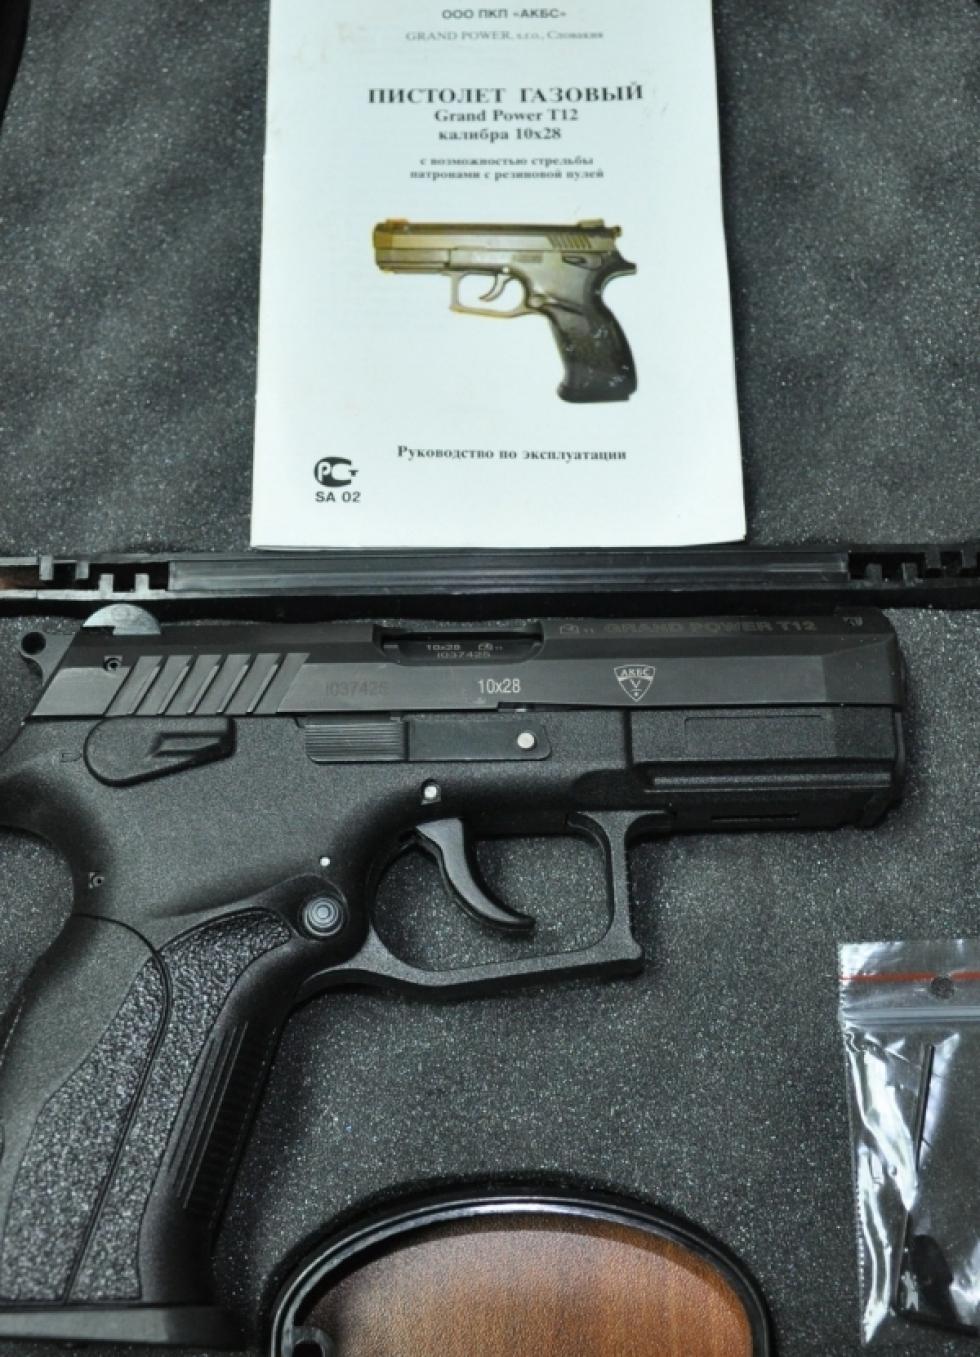 Травматический пистолет Grand Power T-12 FM2